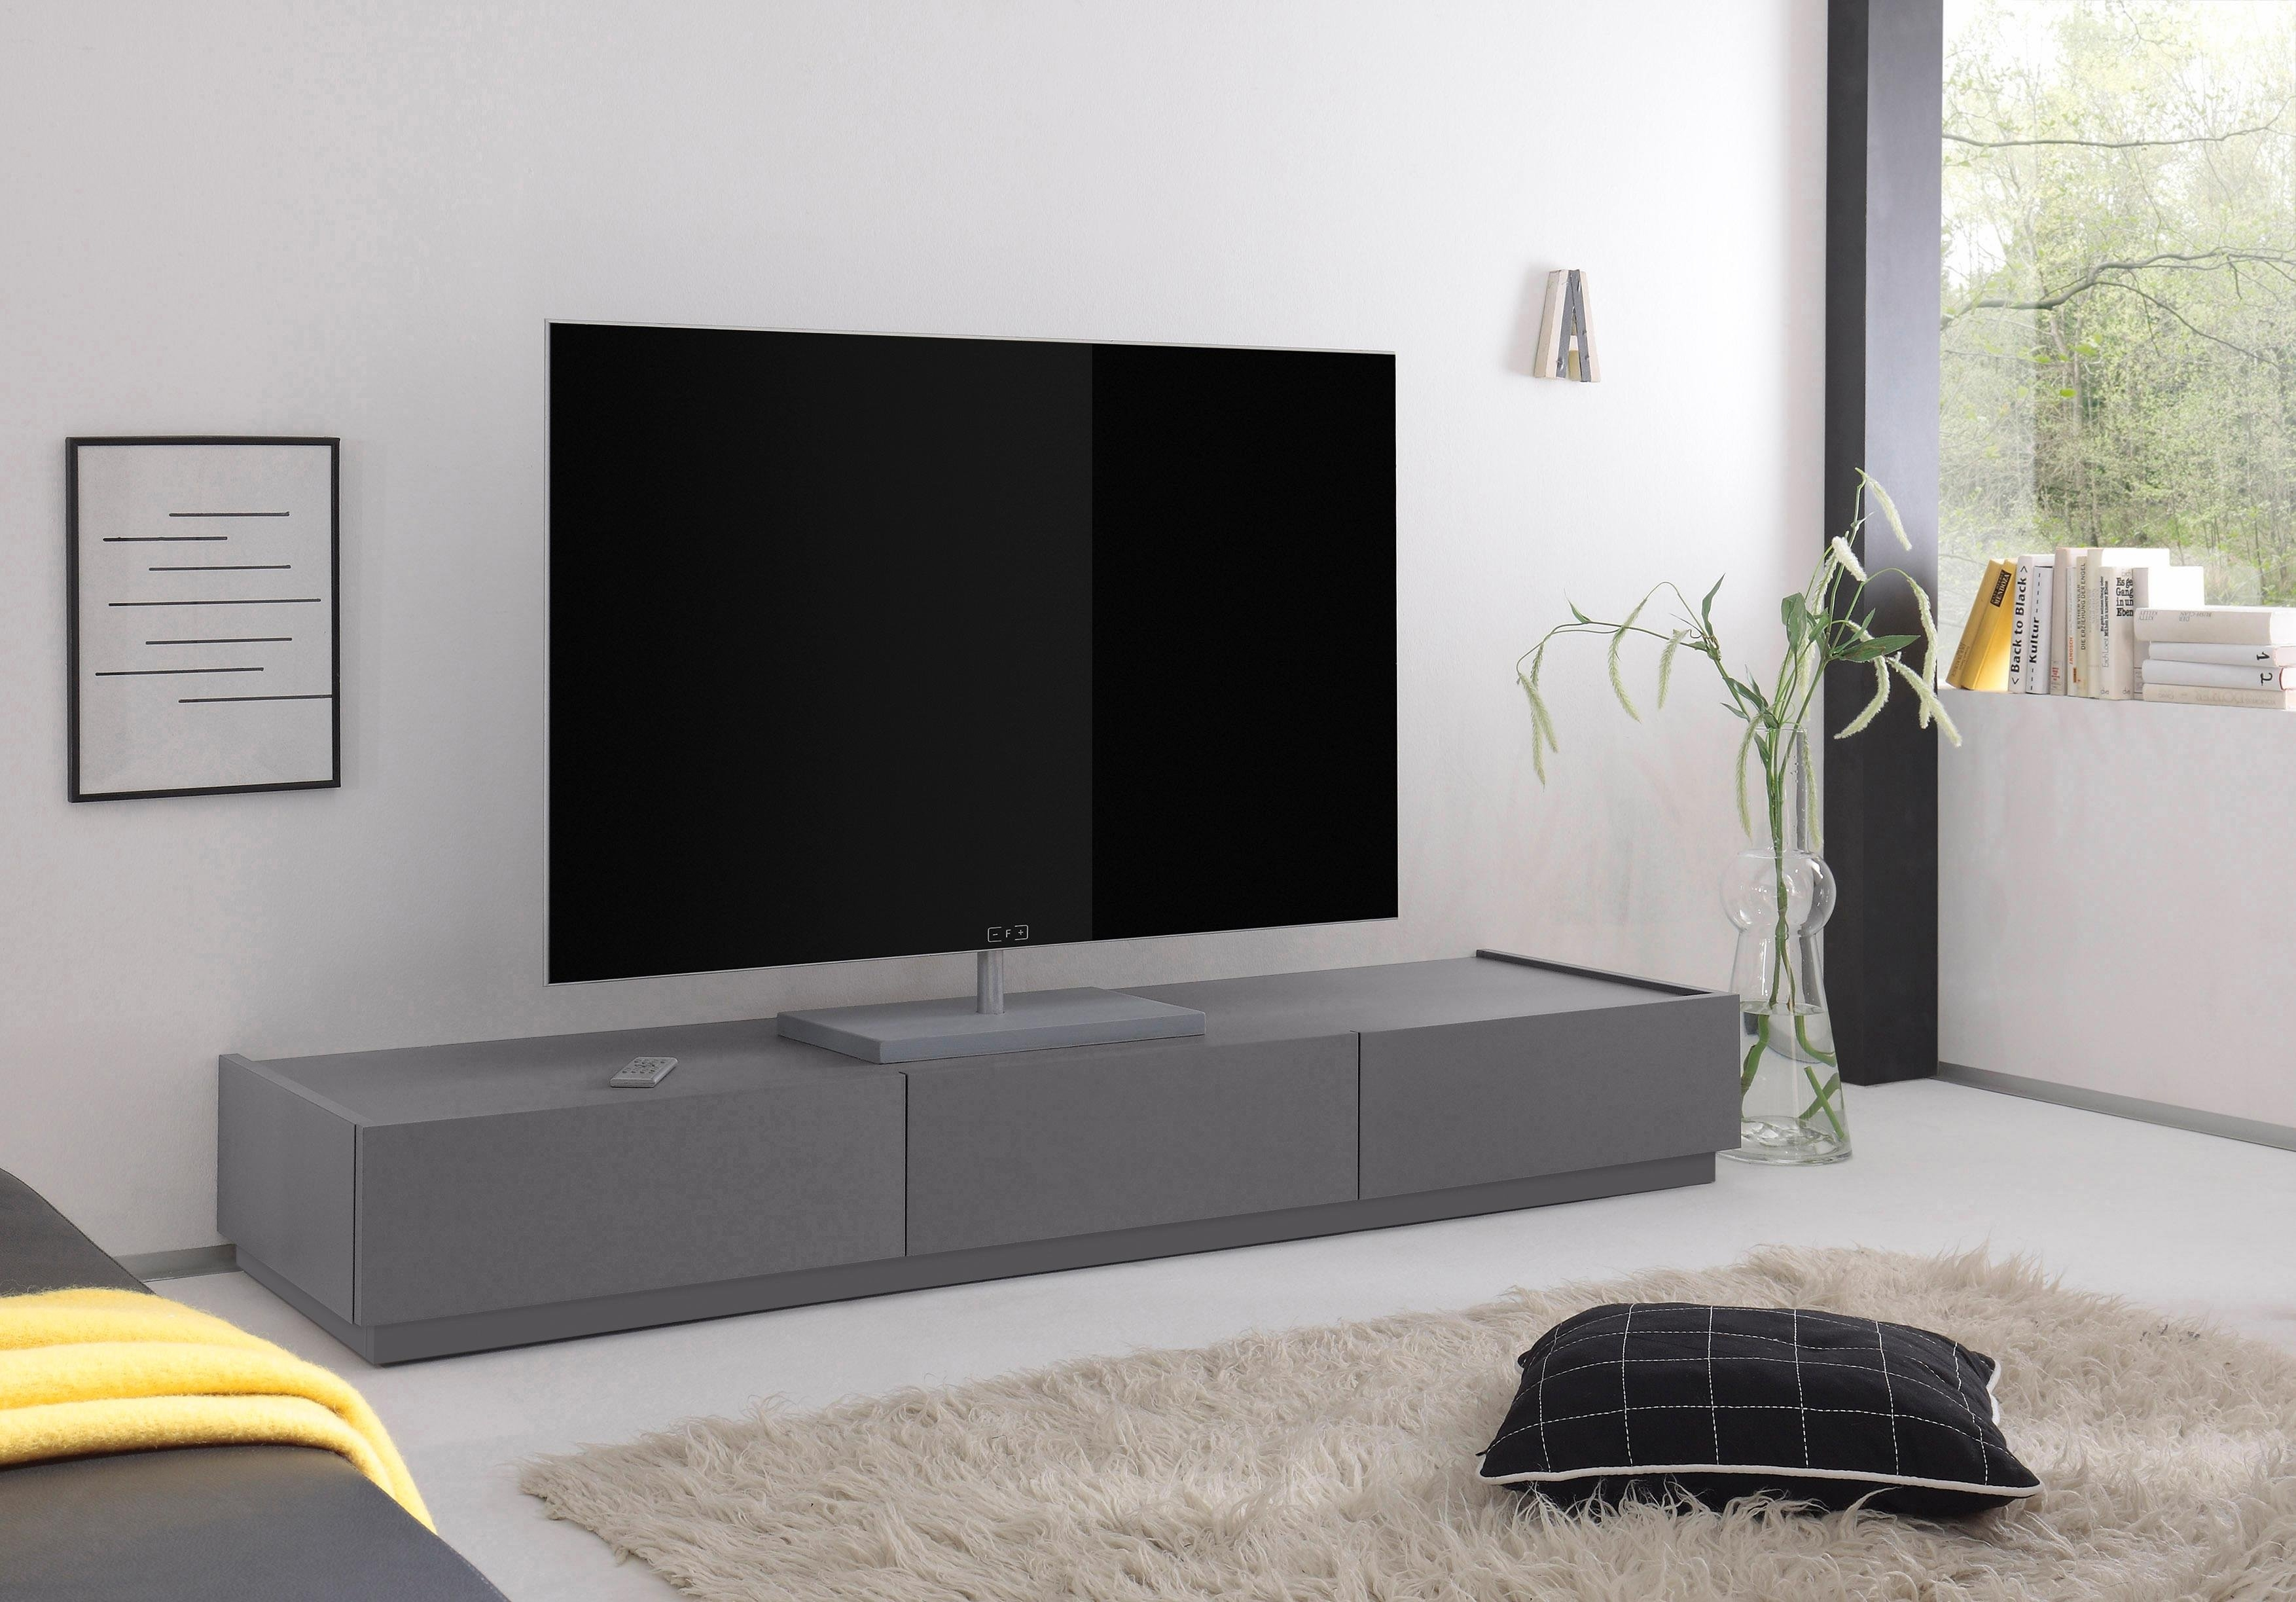 Places of Style tv-meubel Zela met 3 lades, breedte 184 cm online kopen op otto.nl